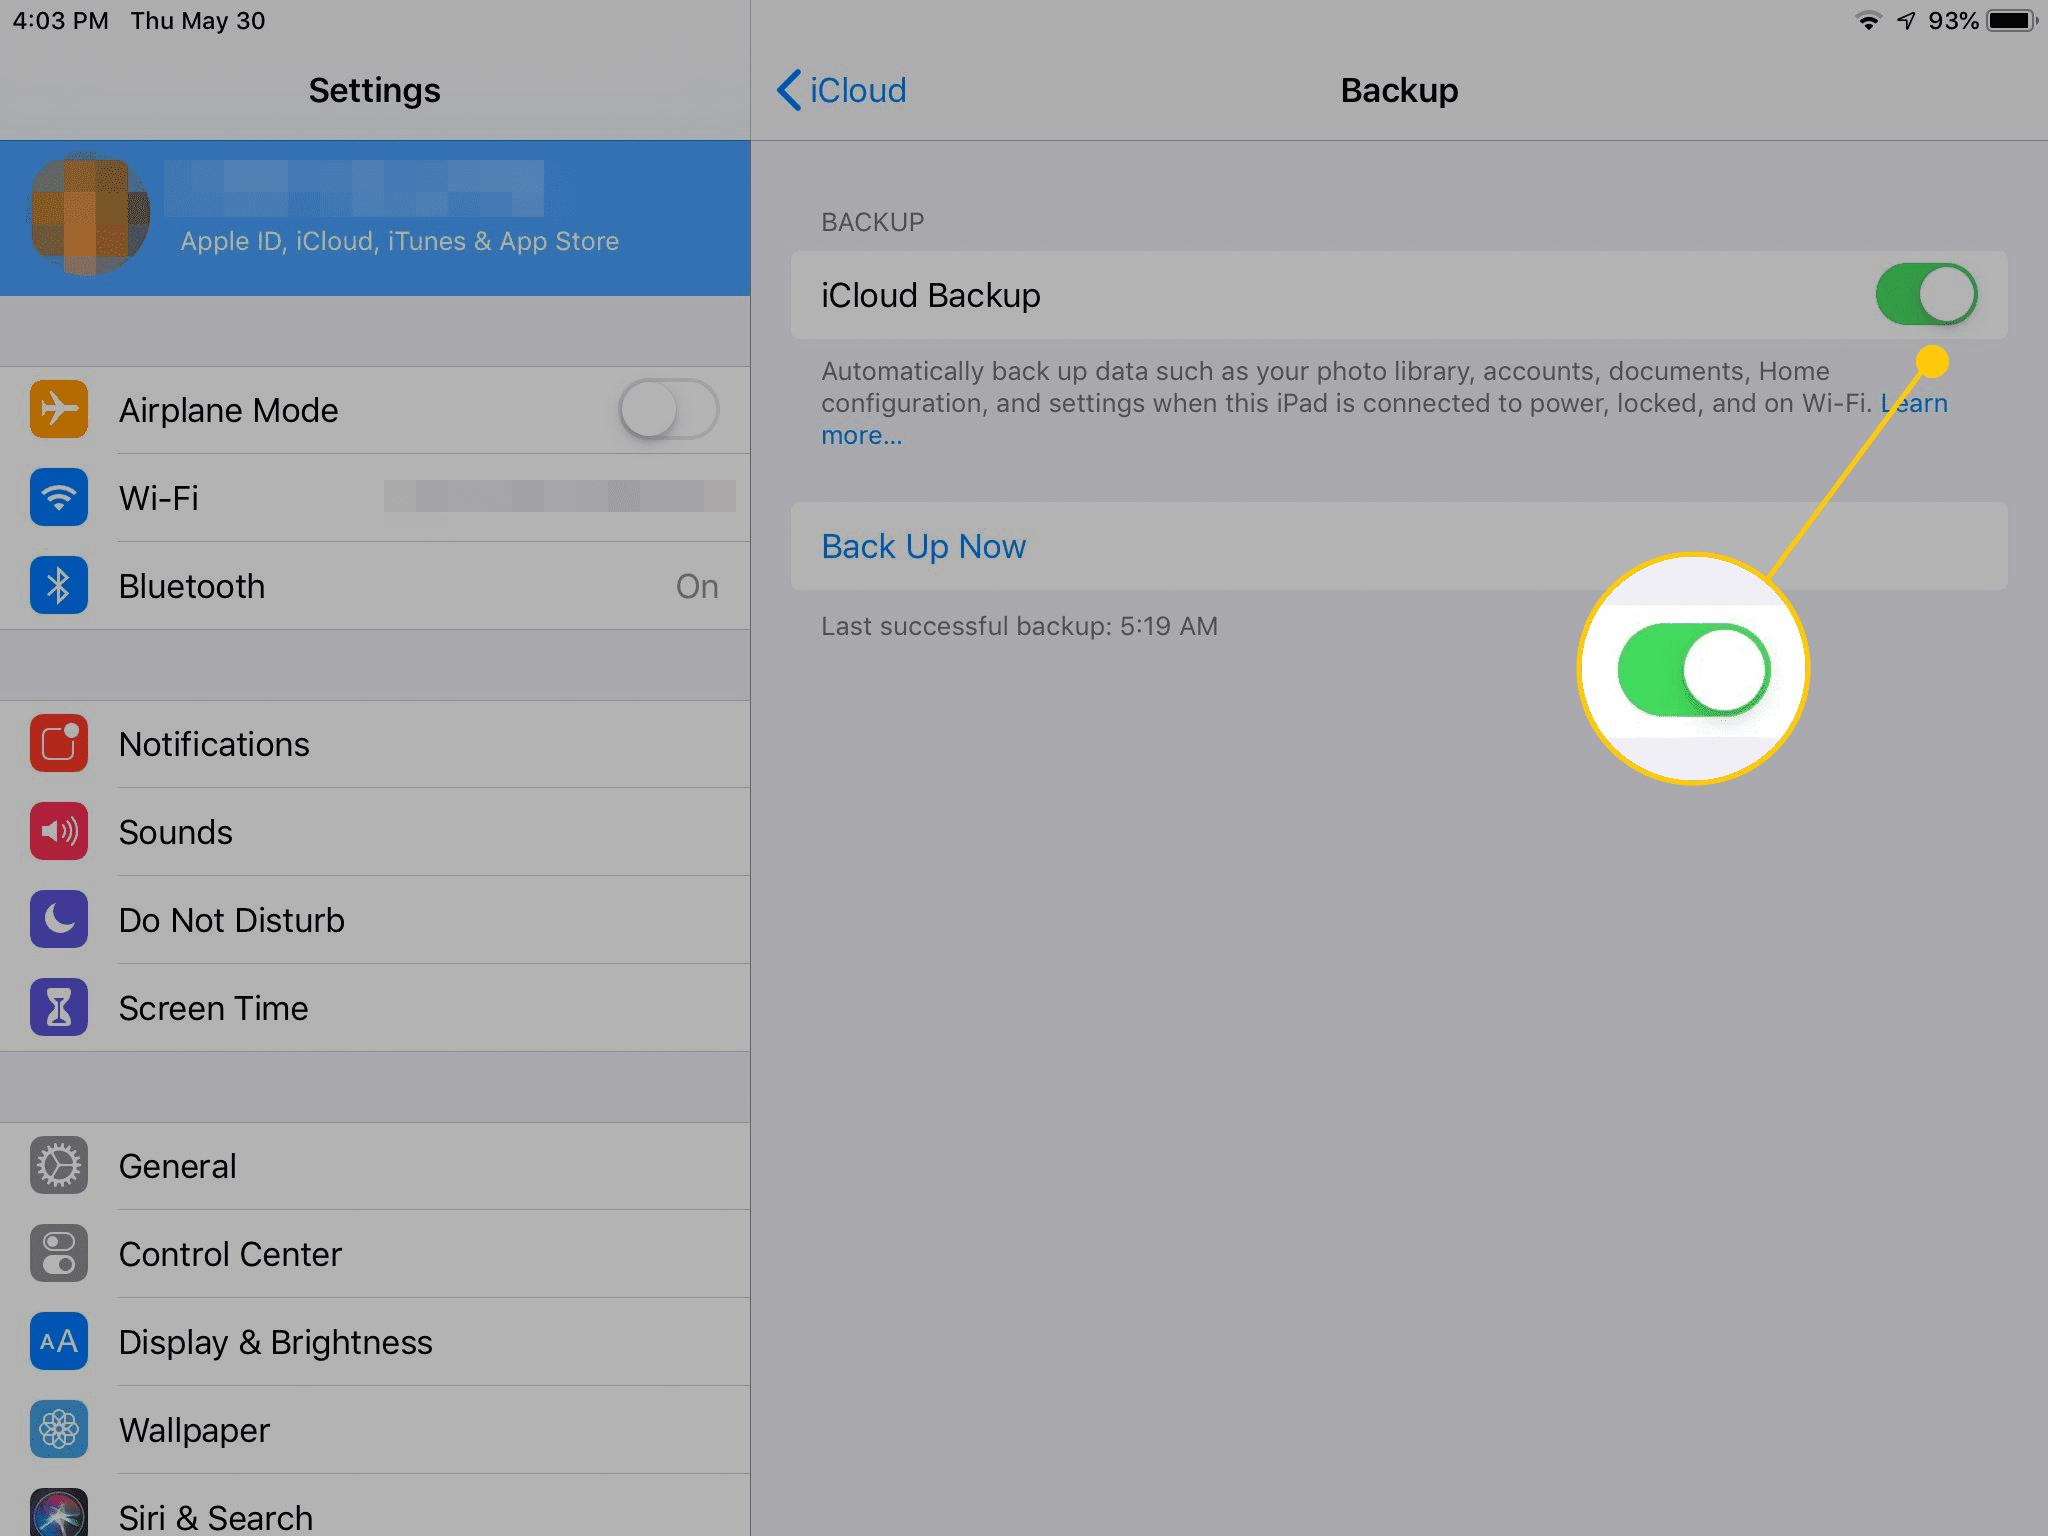 iCloud Backup toggle in iOS settings on iPad